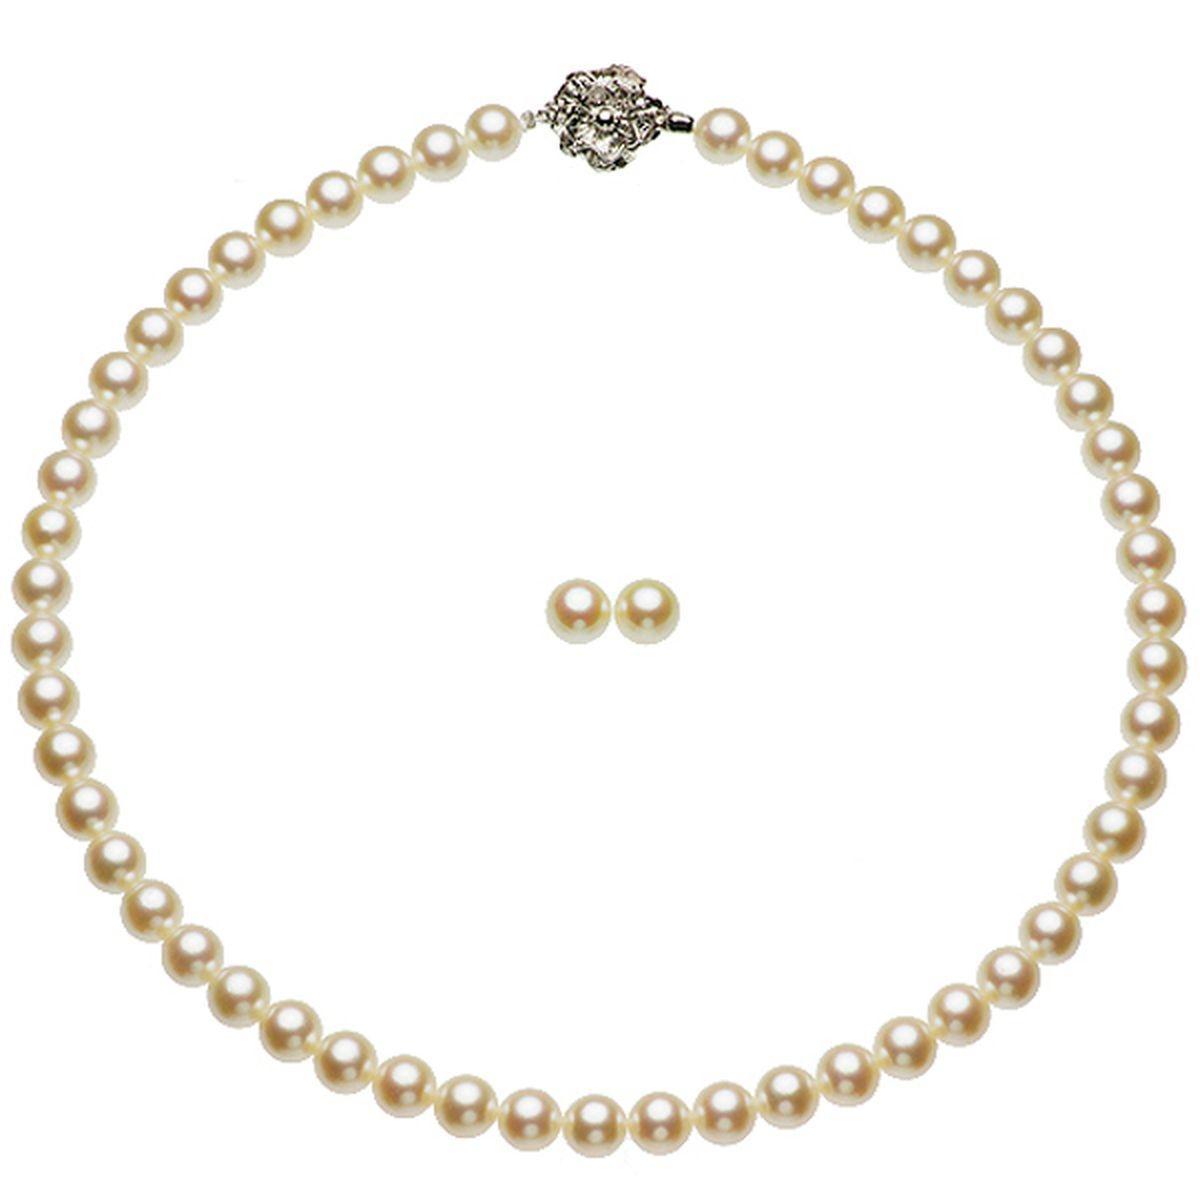 アコヤ真珠フォーマル ピアス セット 約7.5-8.0mmの写真